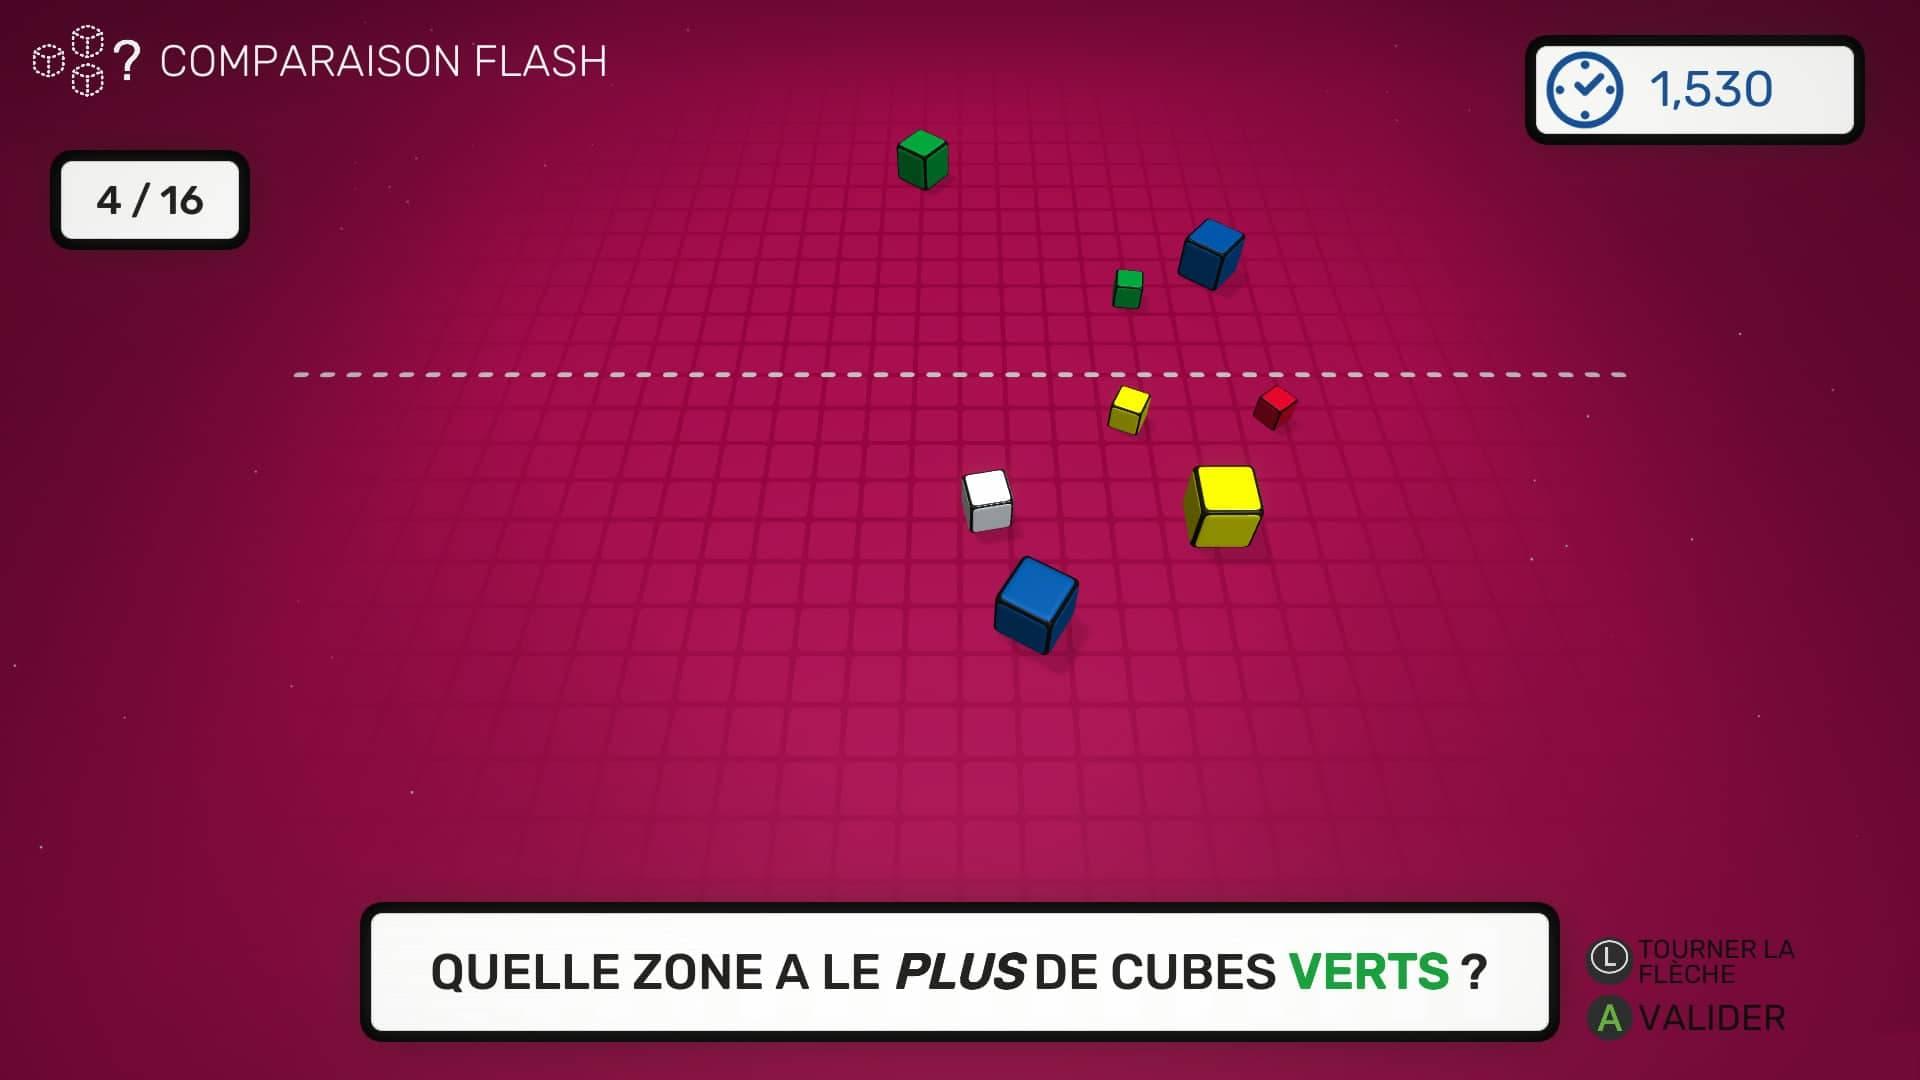 Entrainement Cérébral du Professeur Rubik